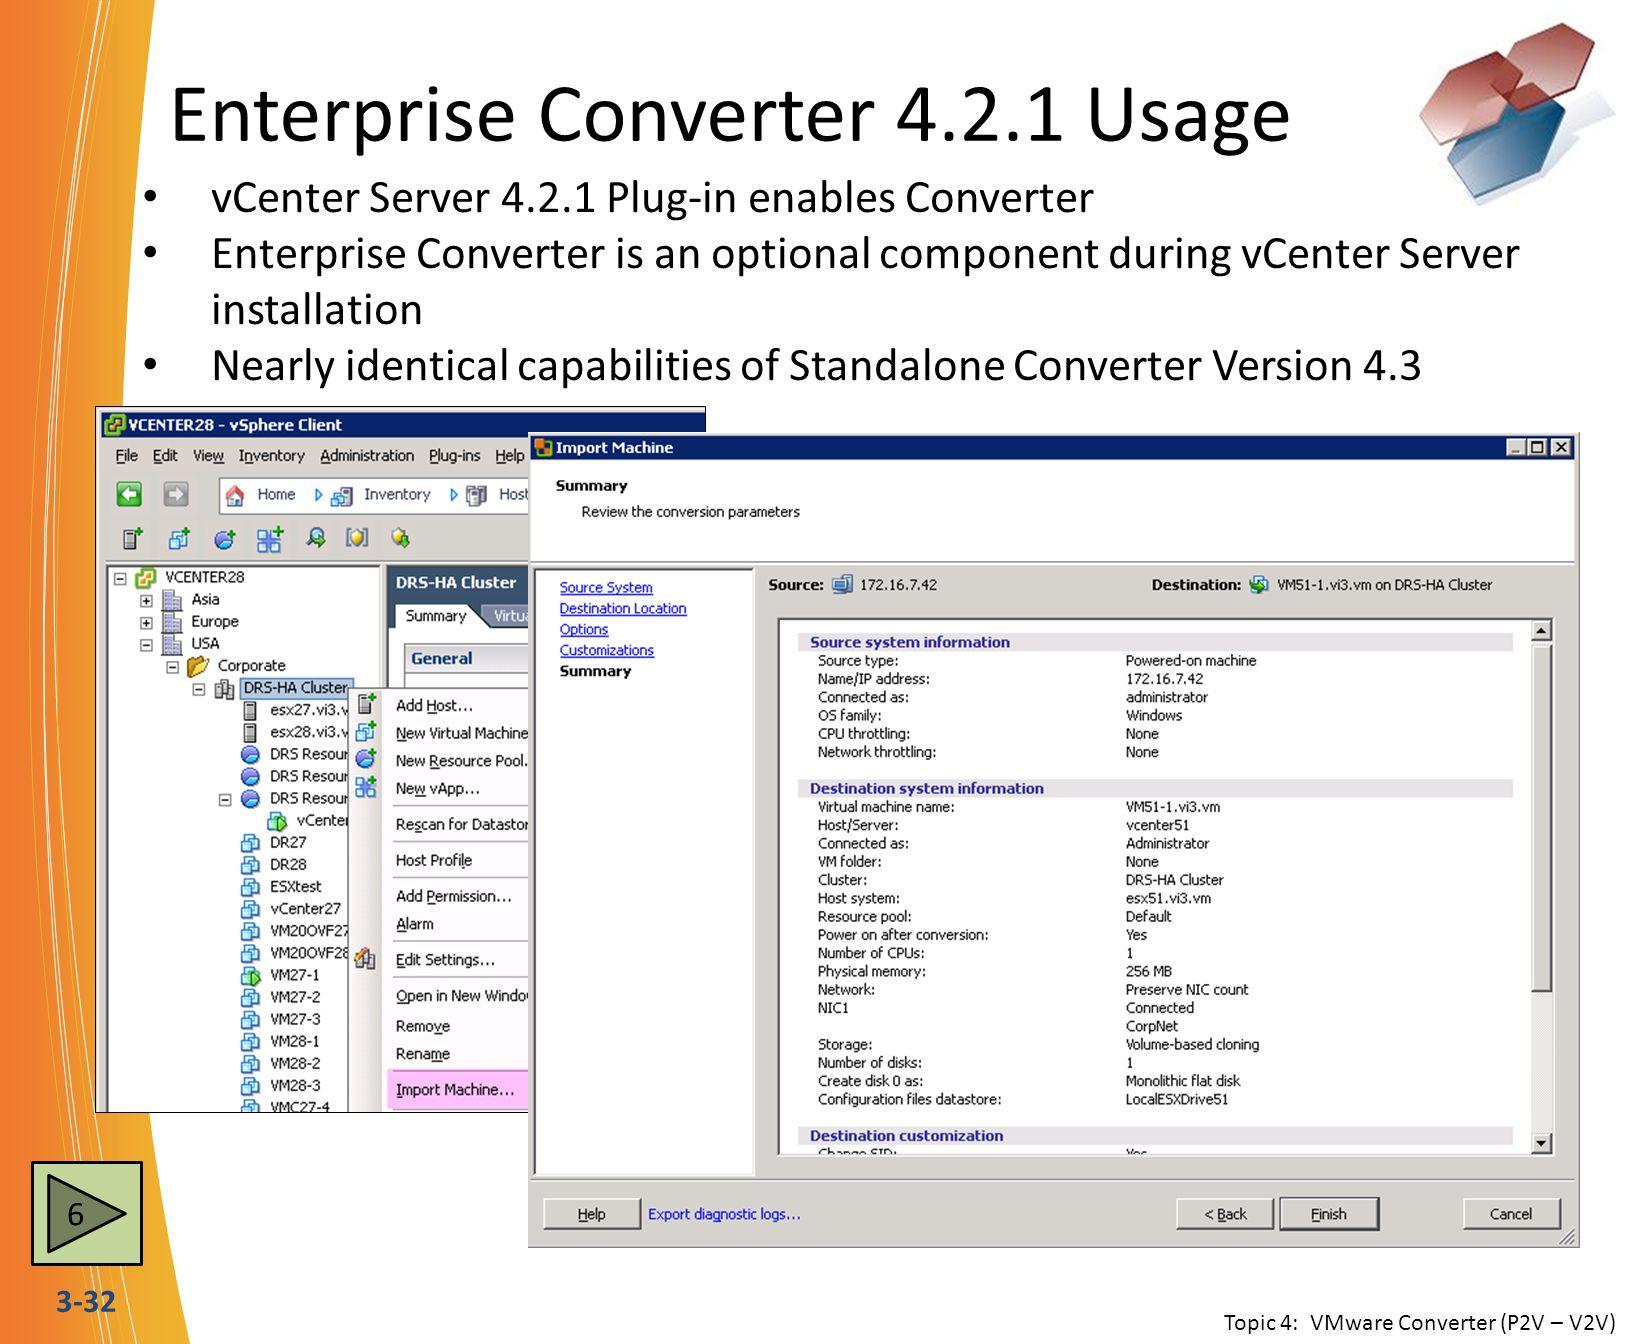 3-32 Enterprise Converter 4.2.1 Usage vCenter Server 4.2.1 Plug-in enables Converter Enterprise Converter is an optional component during vCenter Serv